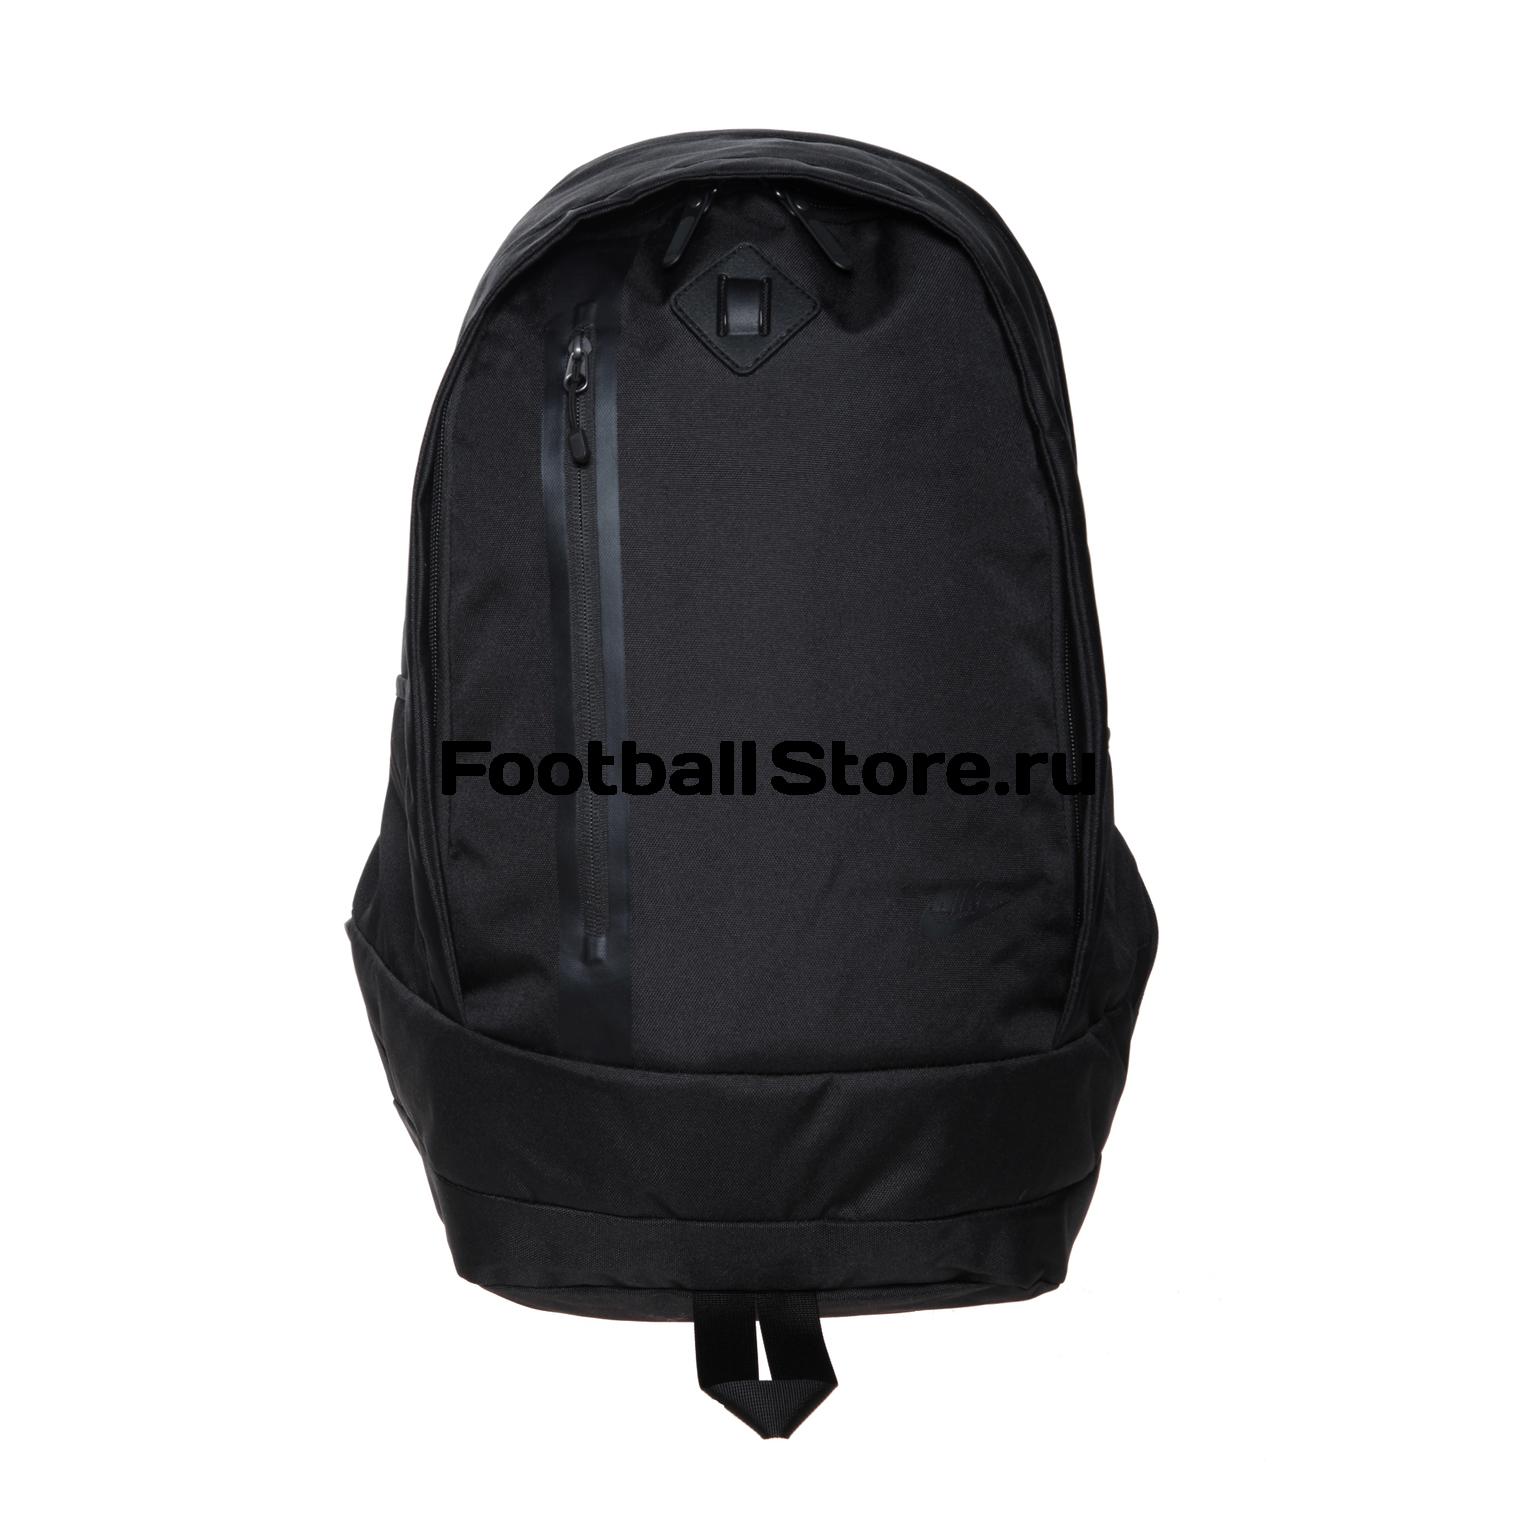 Сумки/Рюкзаки Nike Рюкзак Nike Cheyenne 3.0 - Solid BA5230-010